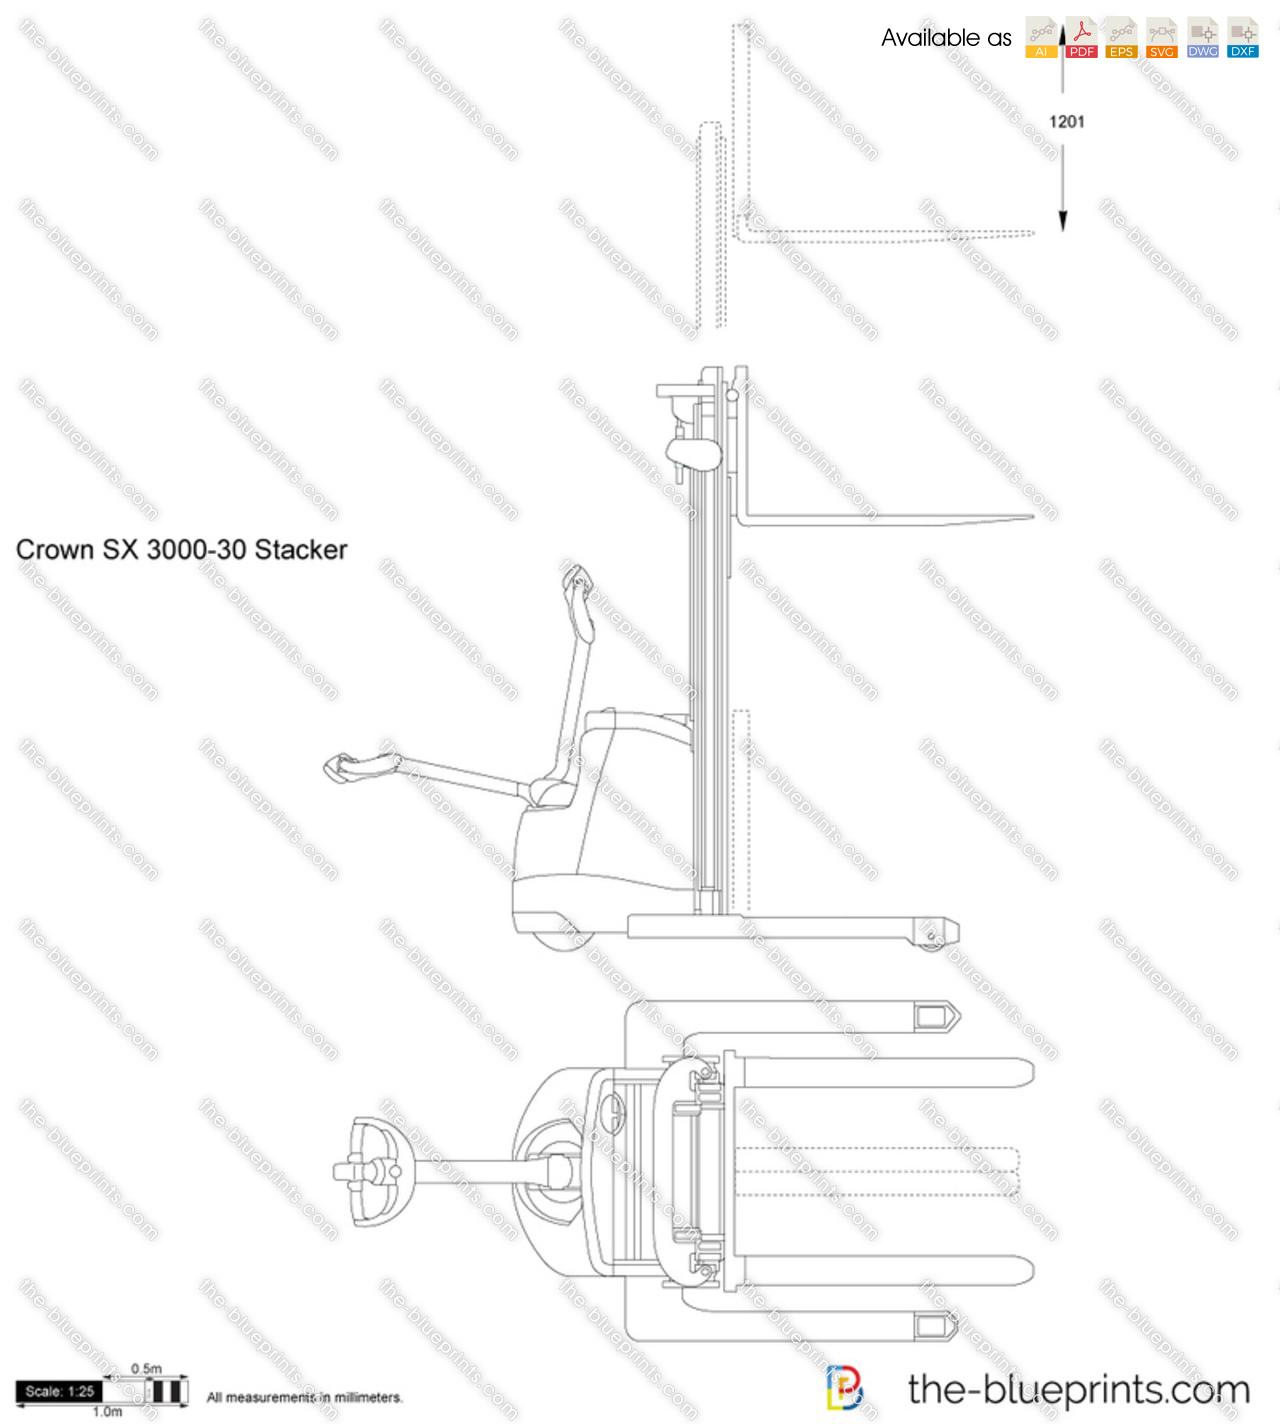 Crown SX 3000-30 Stacker